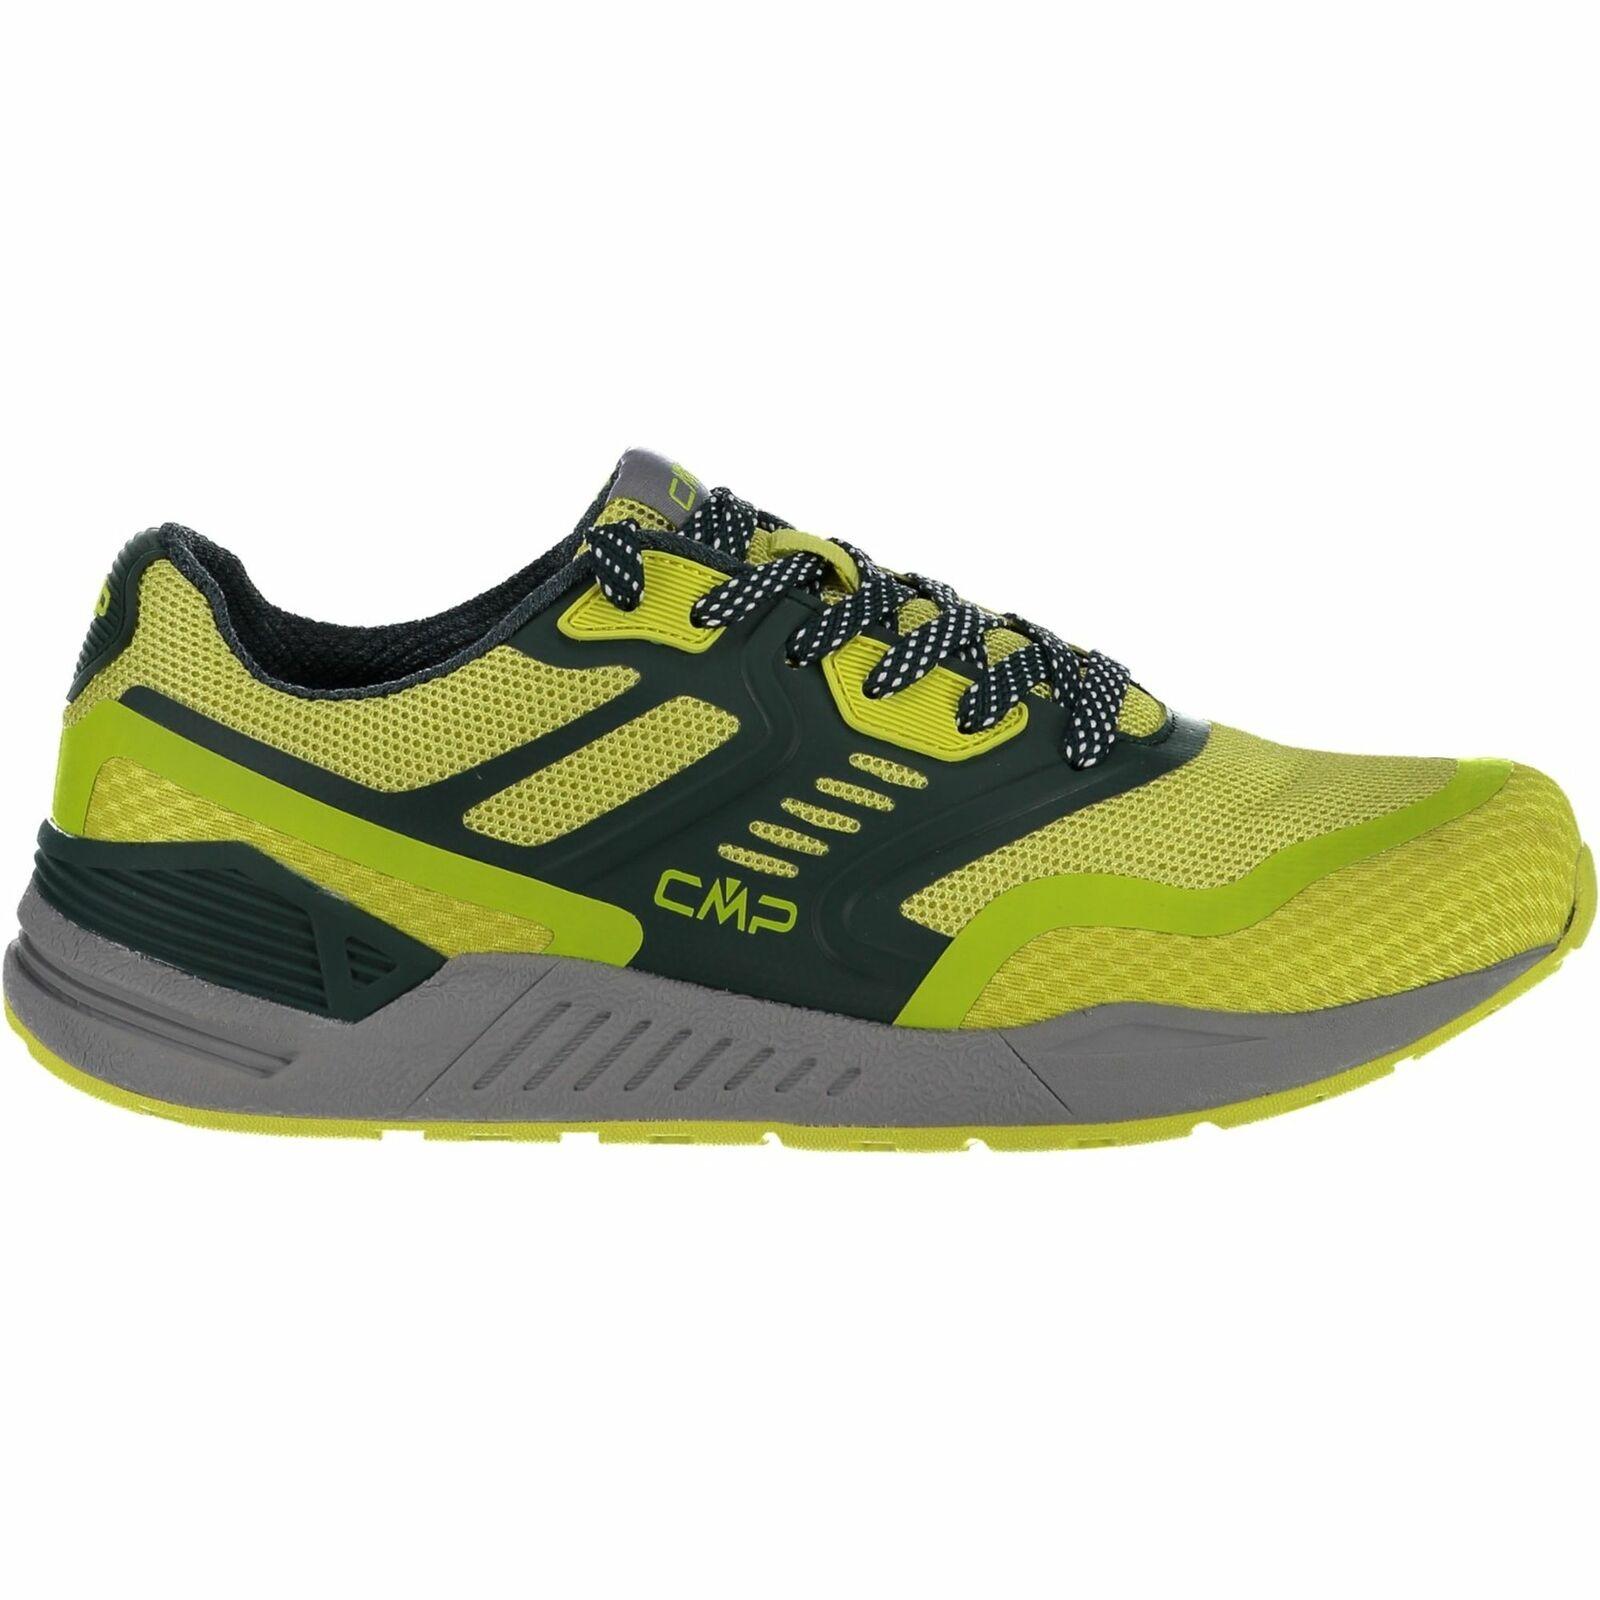 CMP zapatillas calzado deportivo Kuma Mesh Lifestyle zapatos verde claro monocromo Mesh